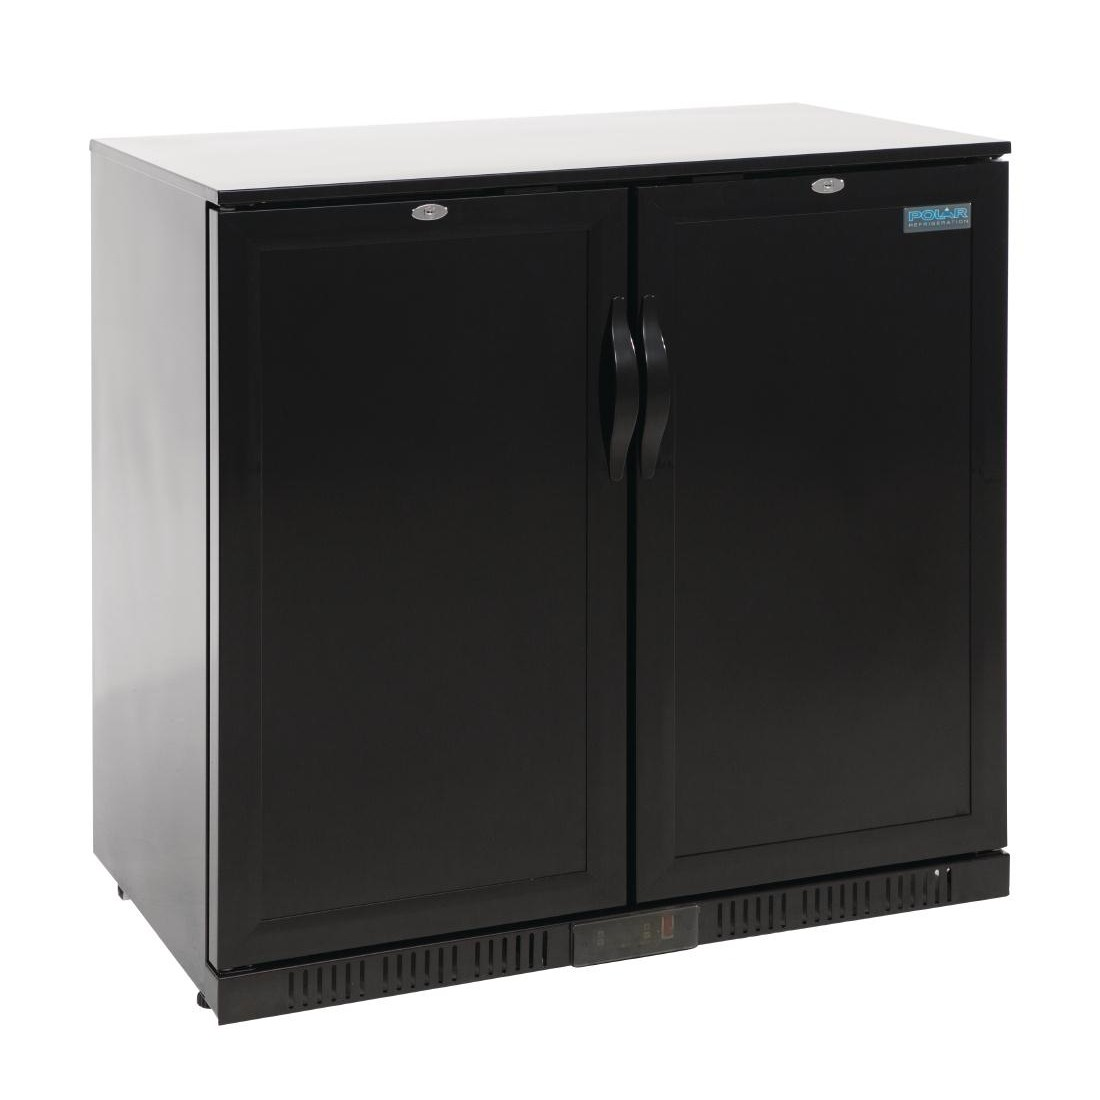 Polar Back Bar Cooler Hinged Solid Door 208Ltr Black